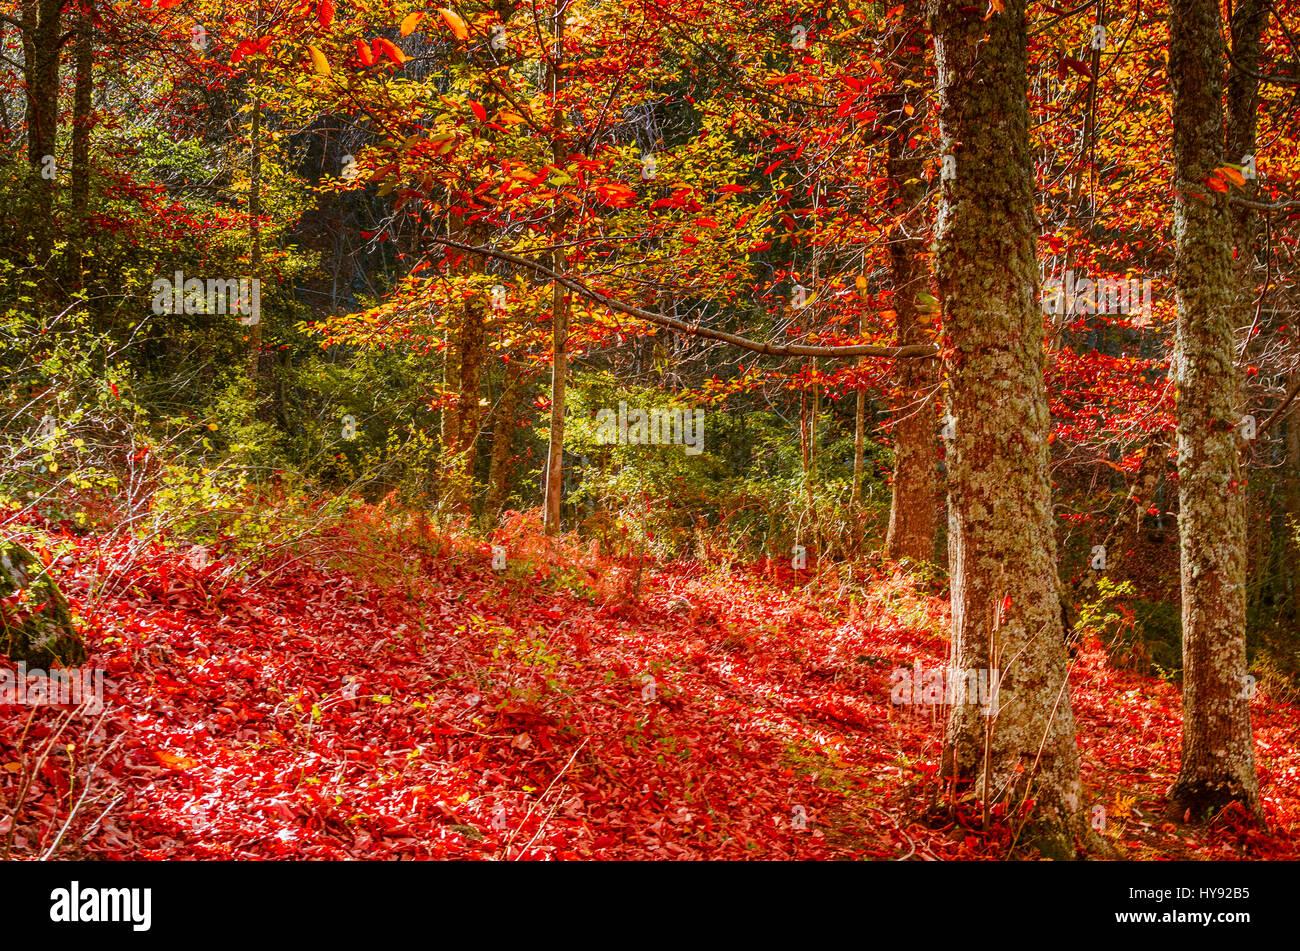 The chestnut forest of El Tiemblo - El castañar de El Tiemblo, Ávila, Castilla y León, Spain, Europe Stock Photo